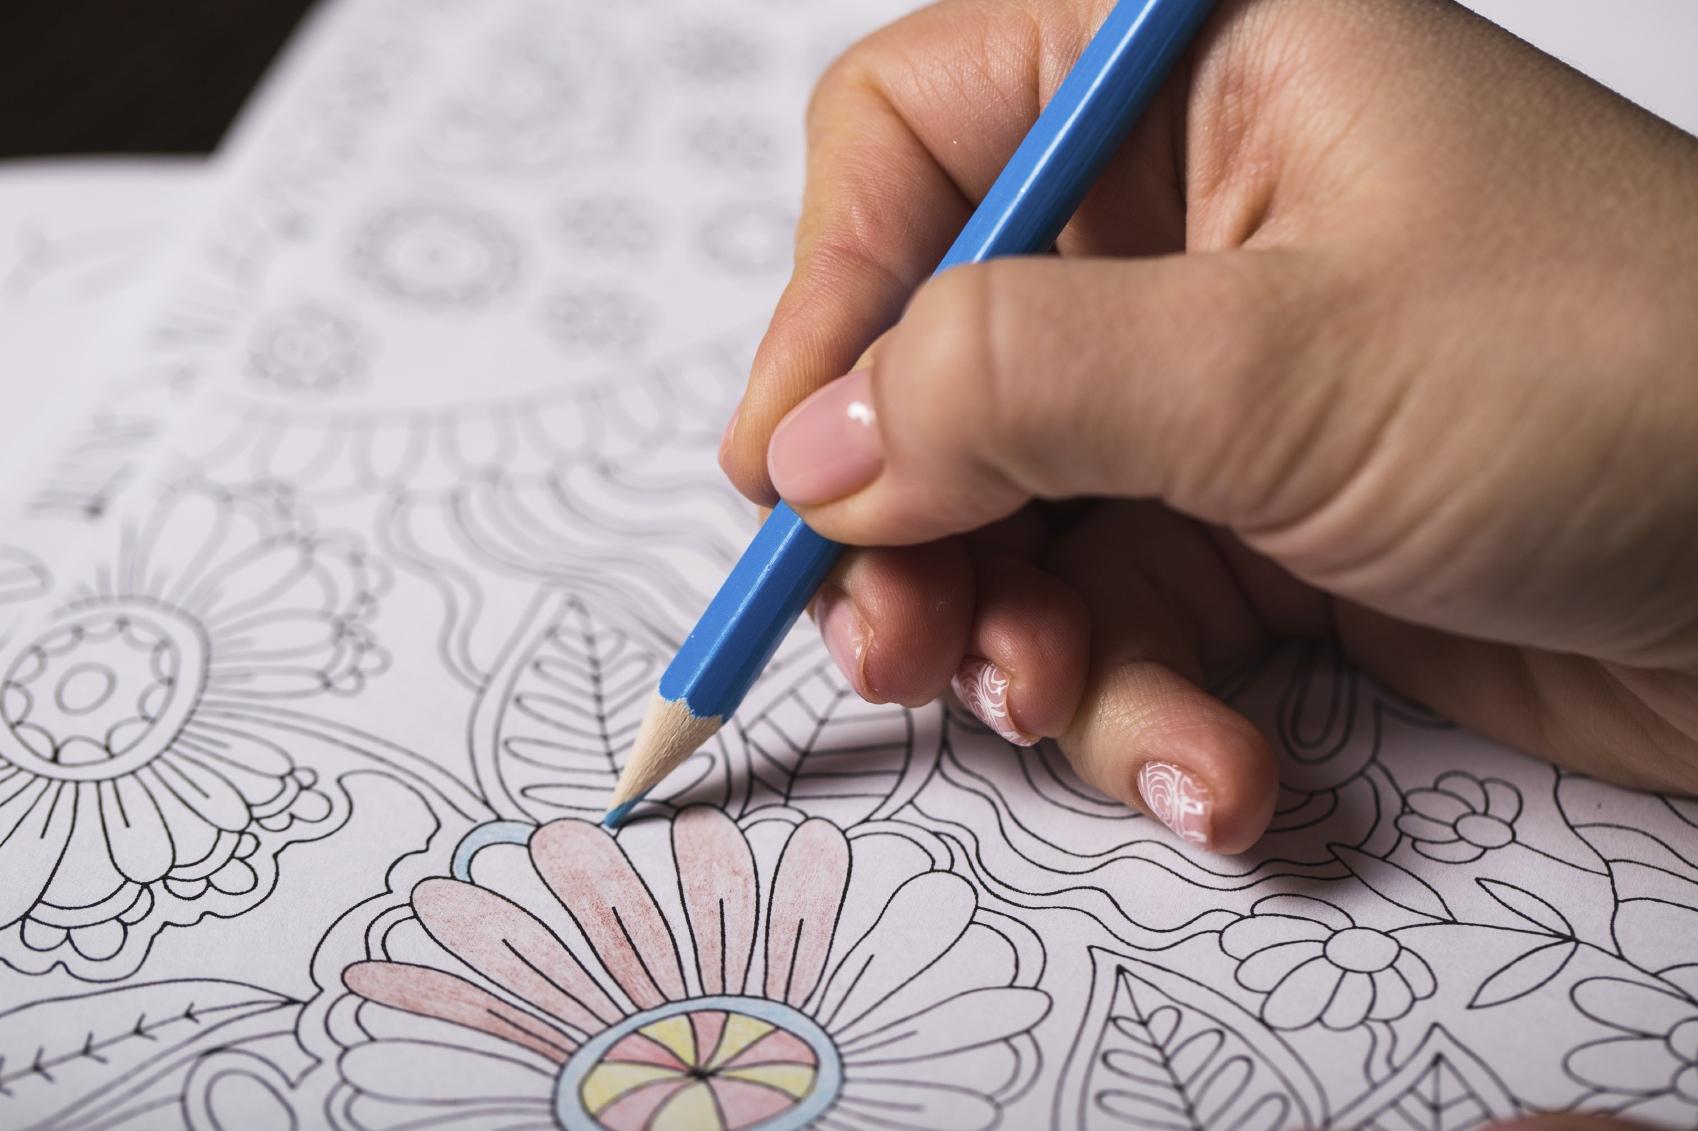 Coloring Therapy Mandalas